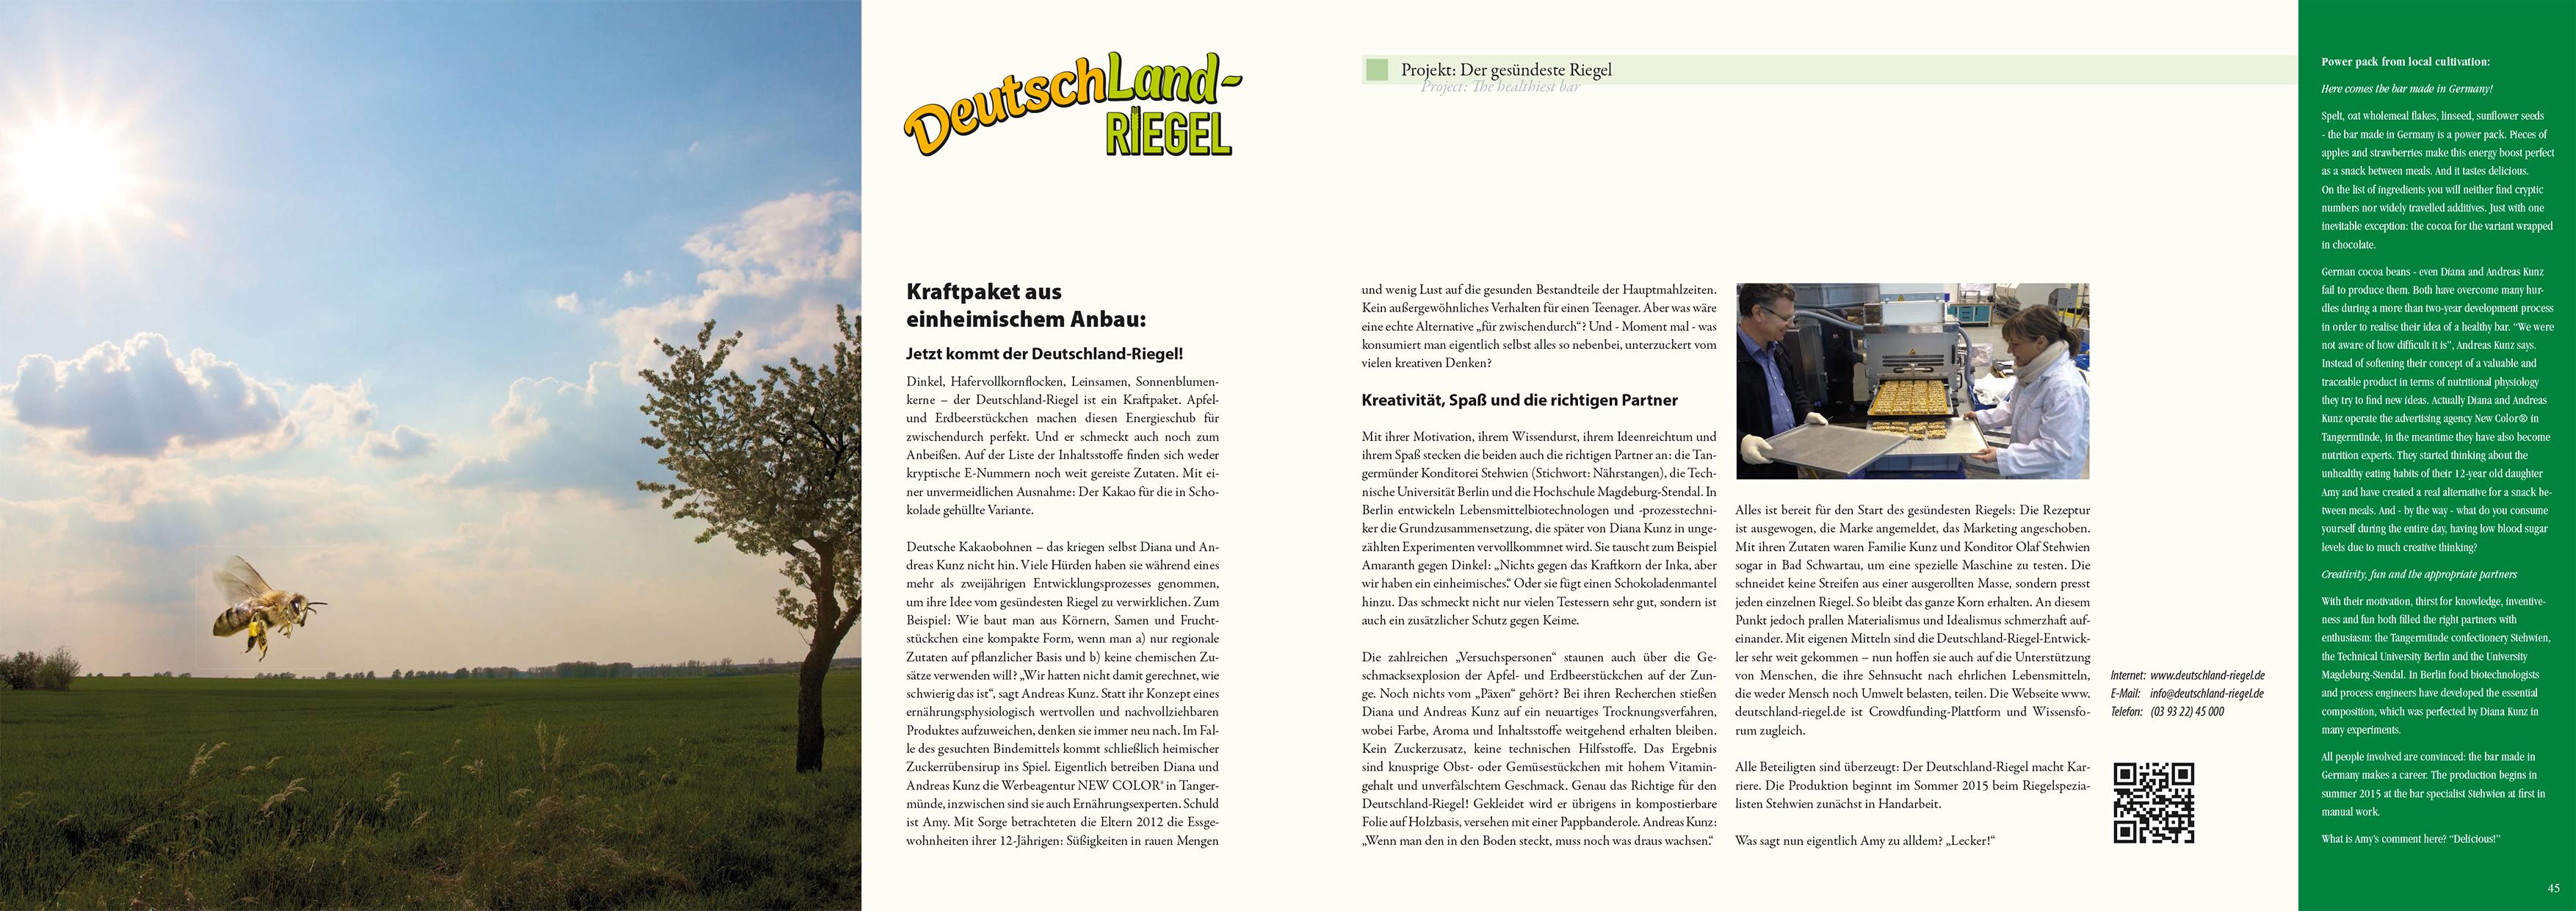 Altmark-Wirtschaftsbroschüre »Wirtschaft – Wachstum – Visionen« 2015, Textbeitrag zum Projekt DeutschLand-Riegel, von Edda Gehrmann